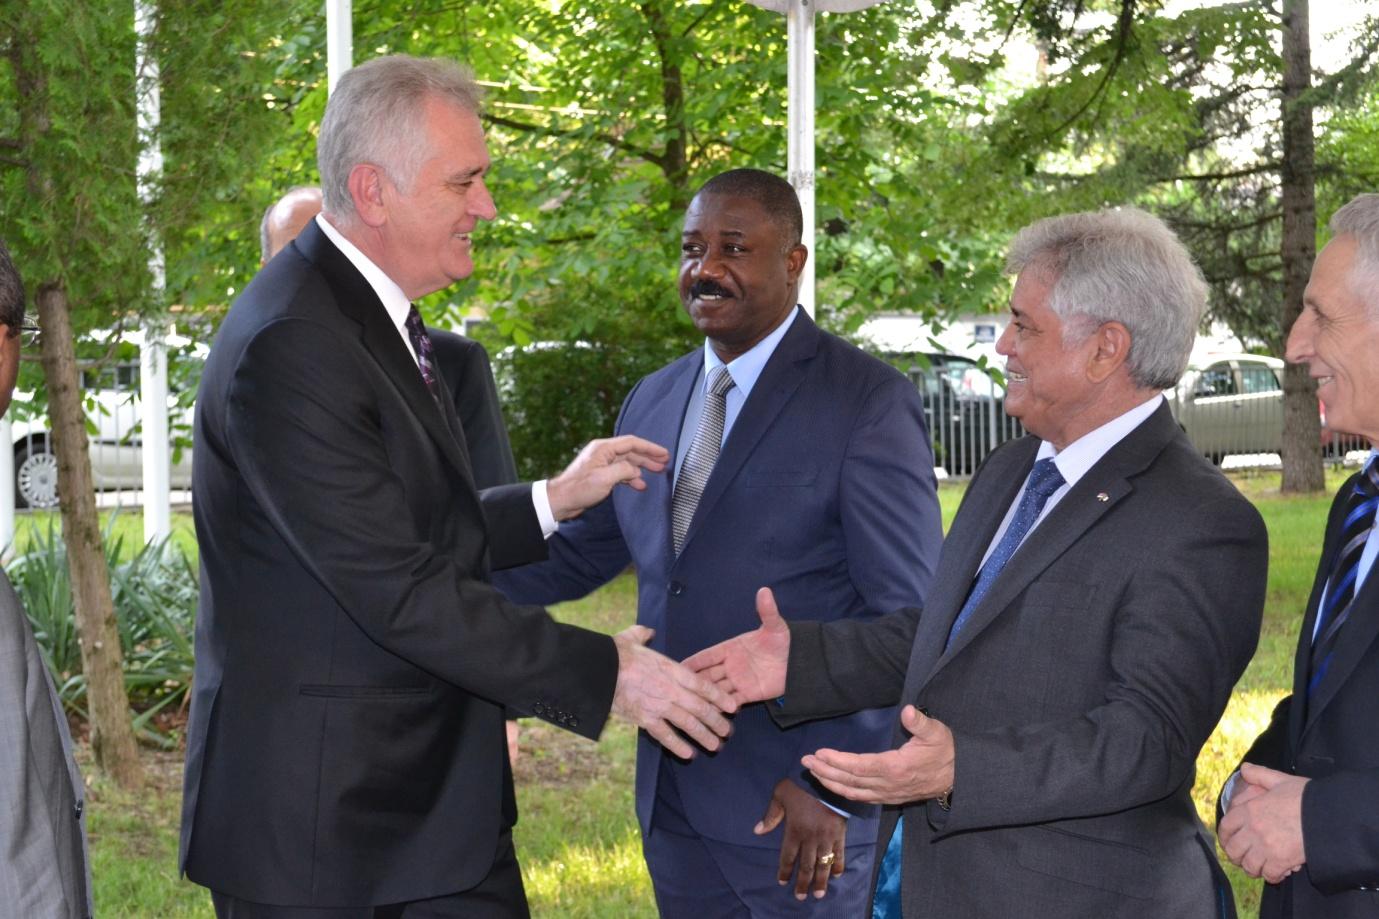 Célébration de la journée de l'Afrique à Belgrade: Le Président Nikolic salue le rôle de l'Algérie en Afrique lors de sa visite du stand de l'Algérie